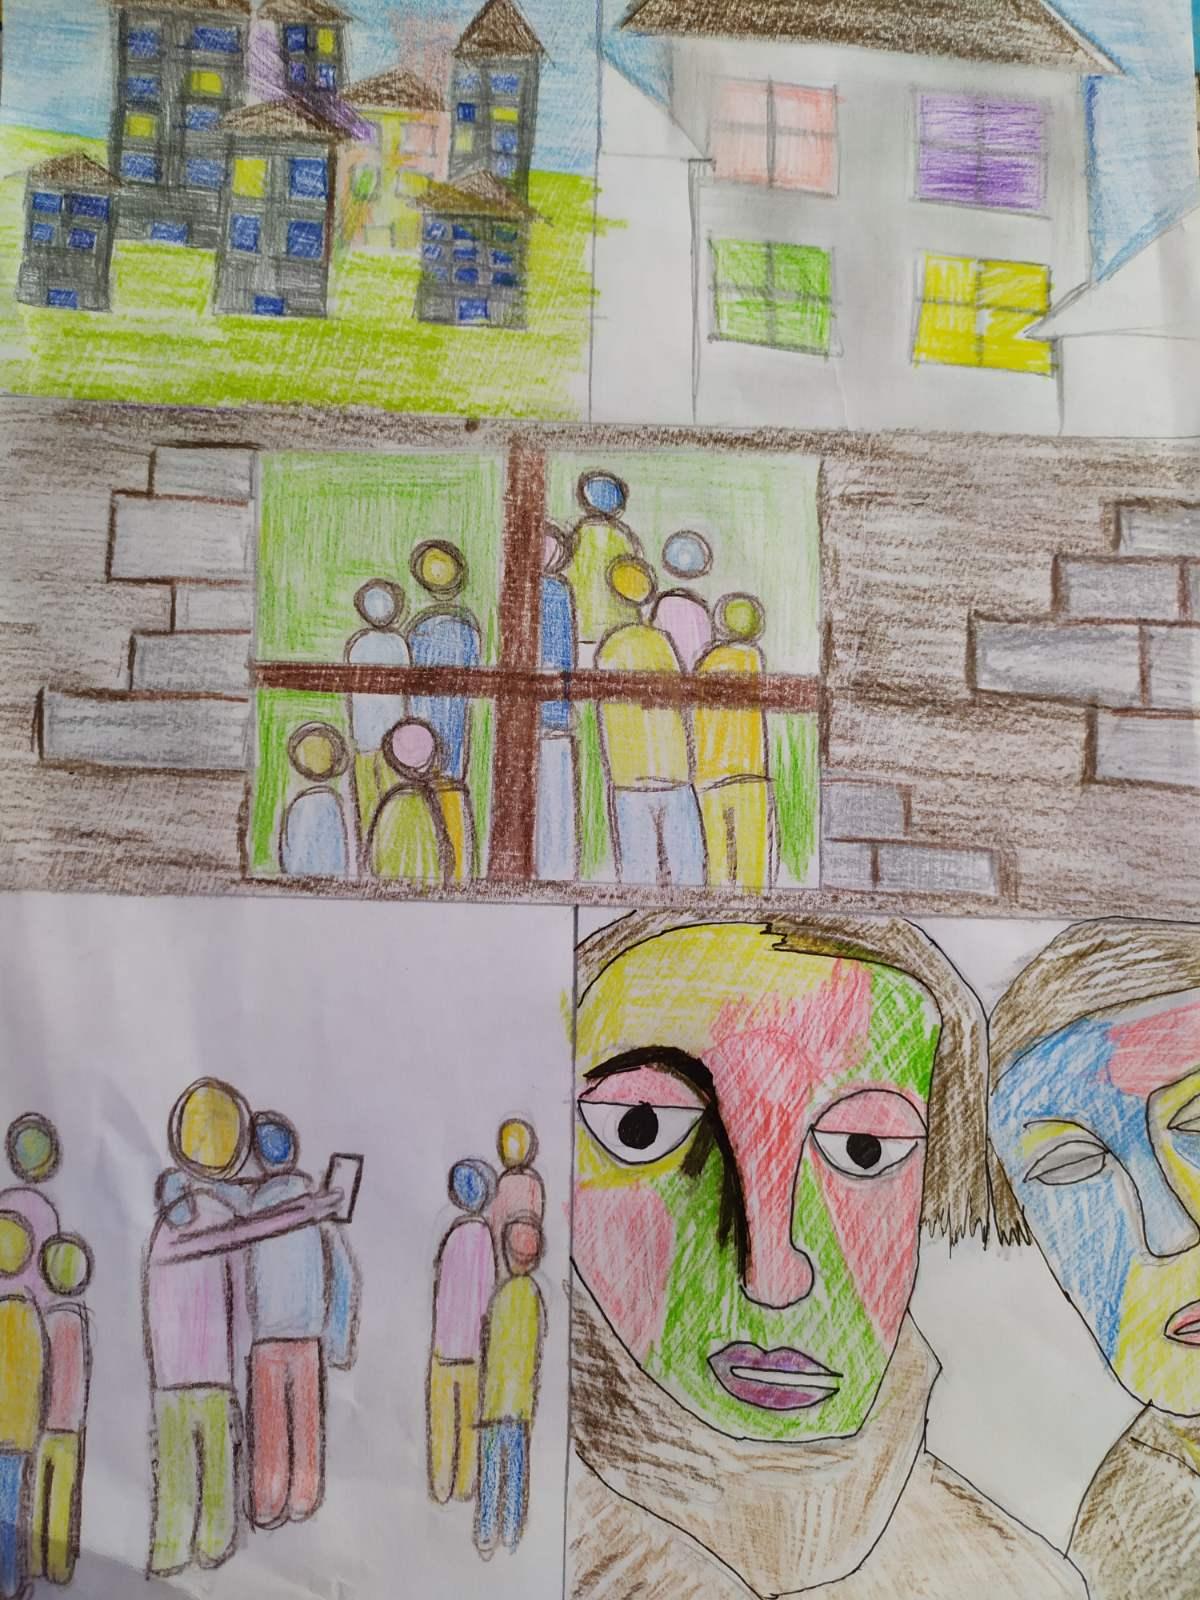 Οι μαθητές της Γ' Γυμνασίου εκφράζονται μέσω της τέχνης κατά τη περίοδο του εγκλεισμού-16